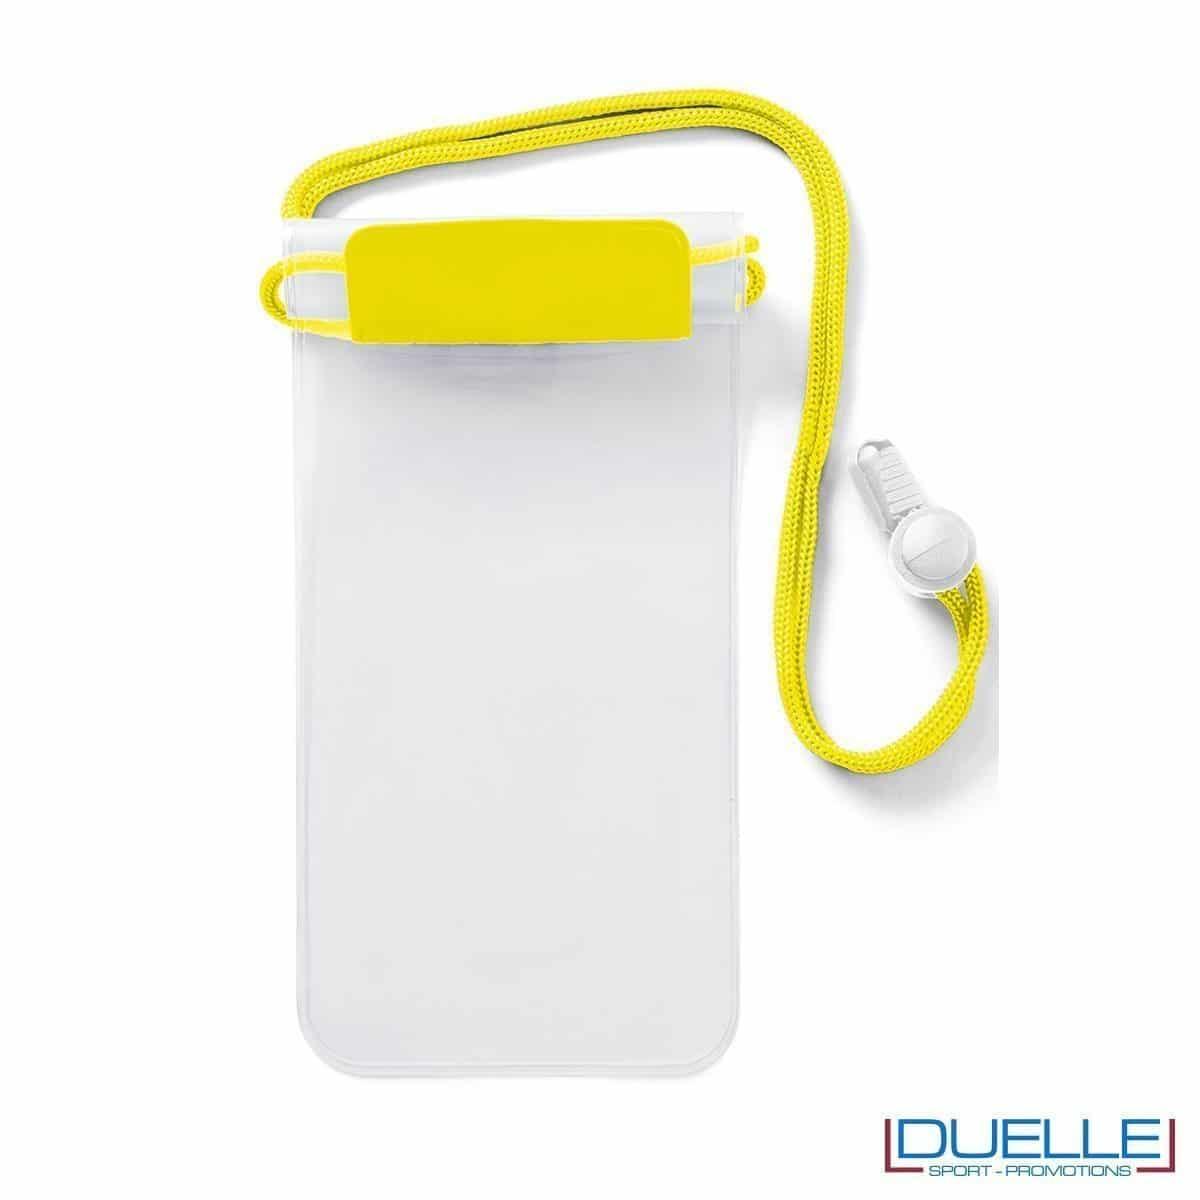 Porta cellulare impermeabile personalizzabile giallo fluo